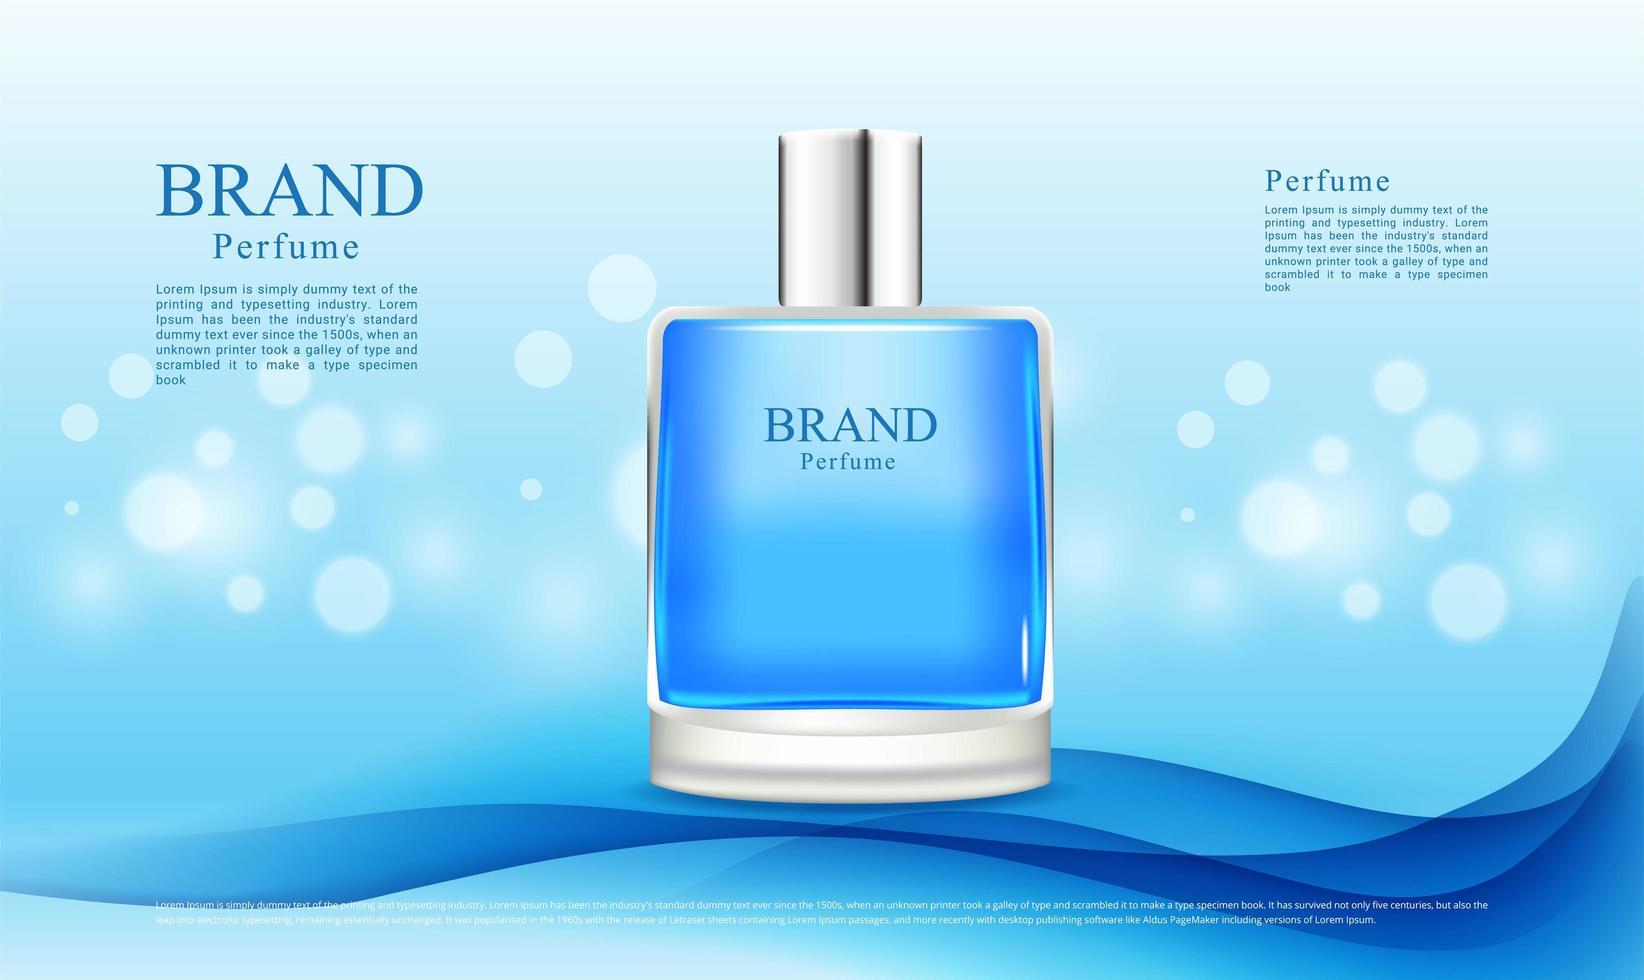 pubblicità di profumi sul design blue wave vettore